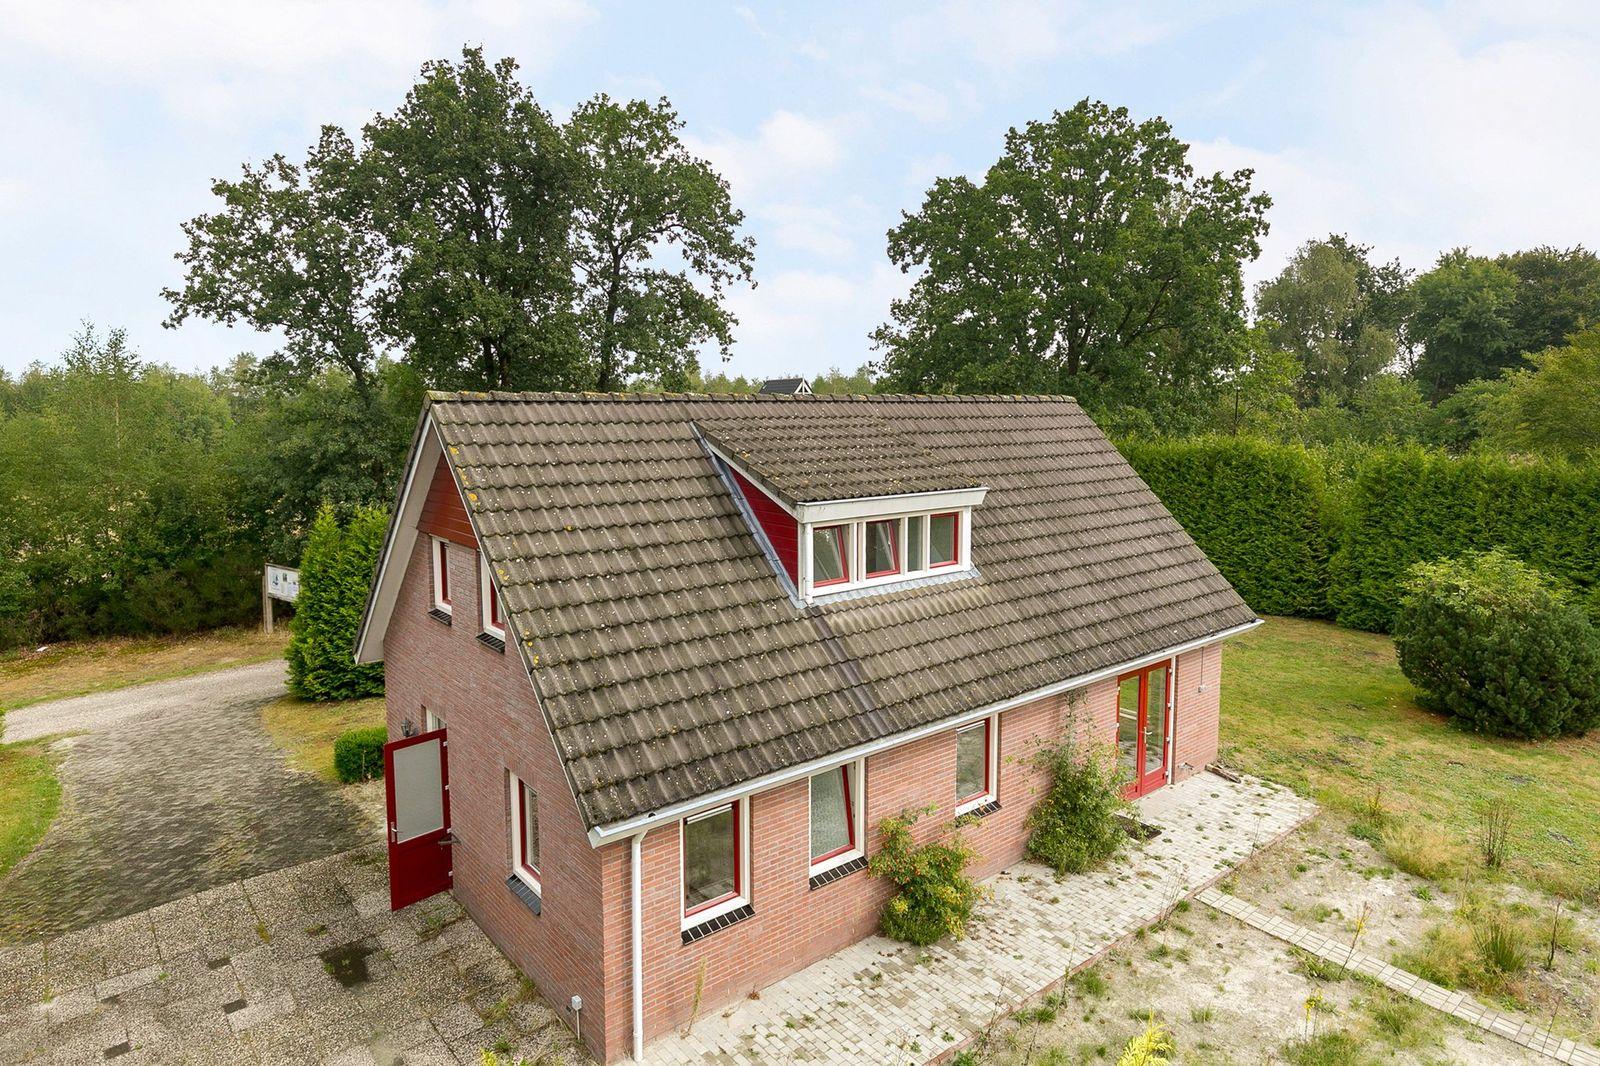 Houtvester Jansenweg 2-001, Gasselte